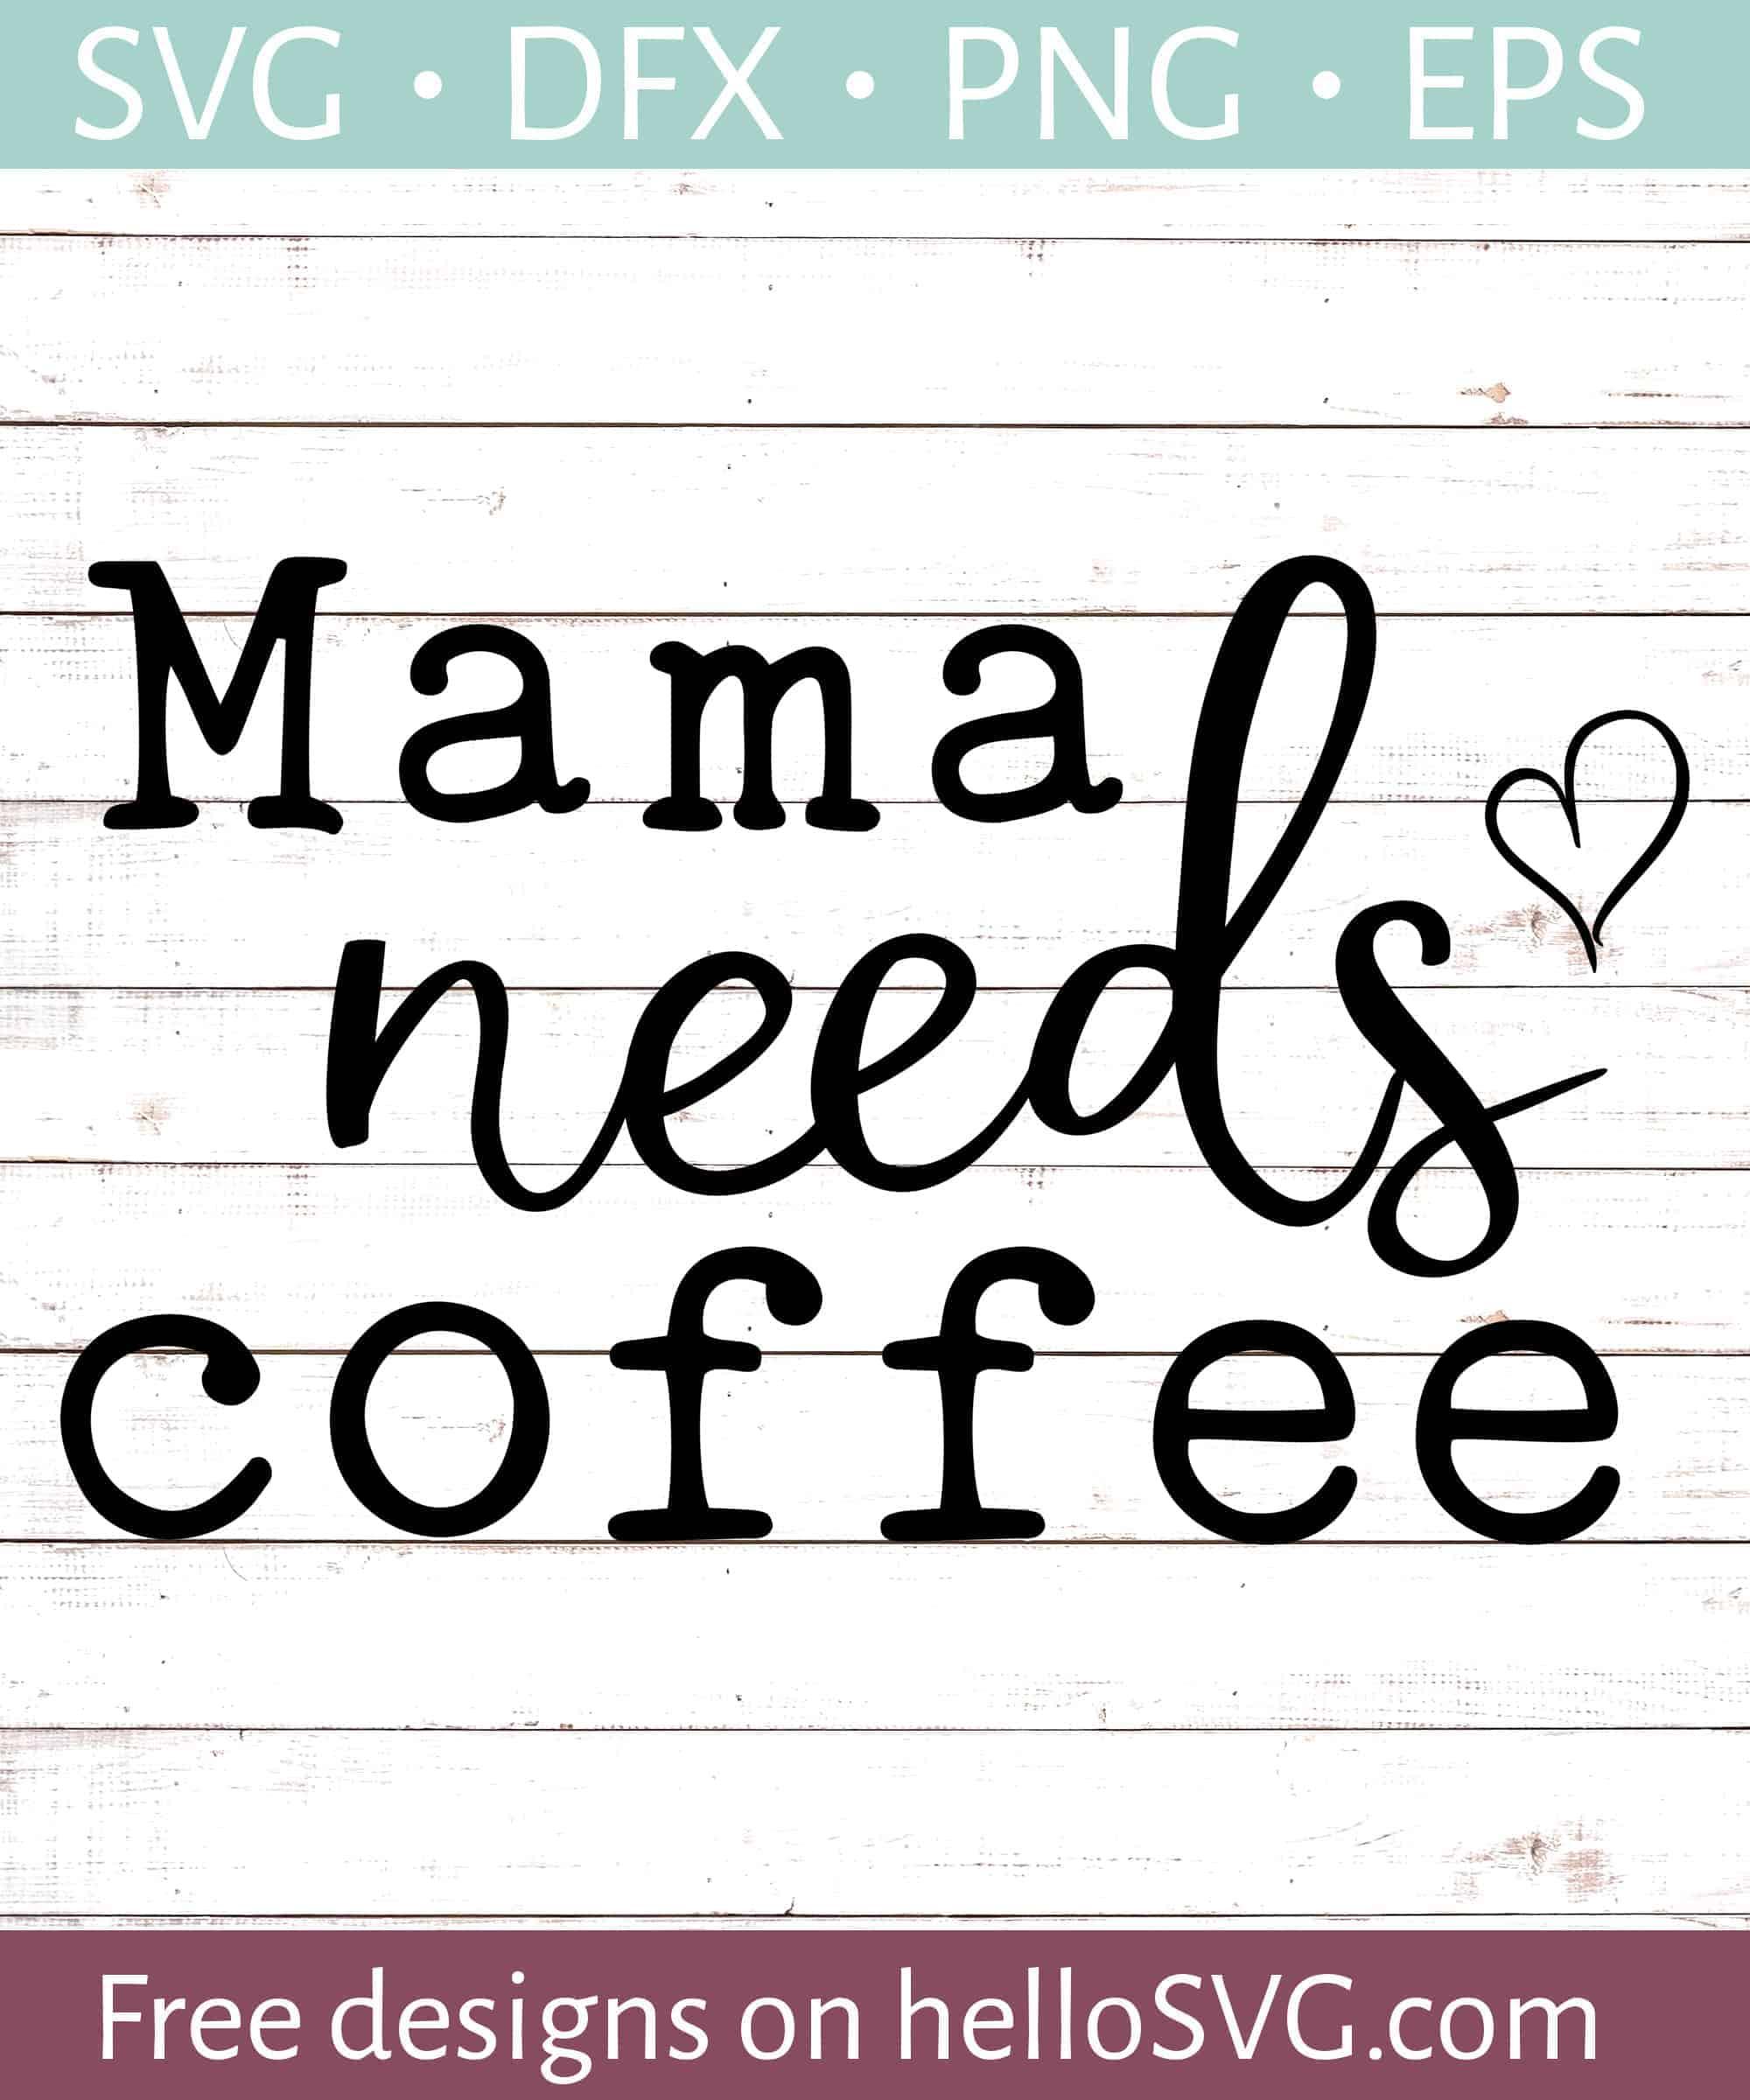 Download Mama Needs Coffee SVG - Free SVG files | HelloSVG.com